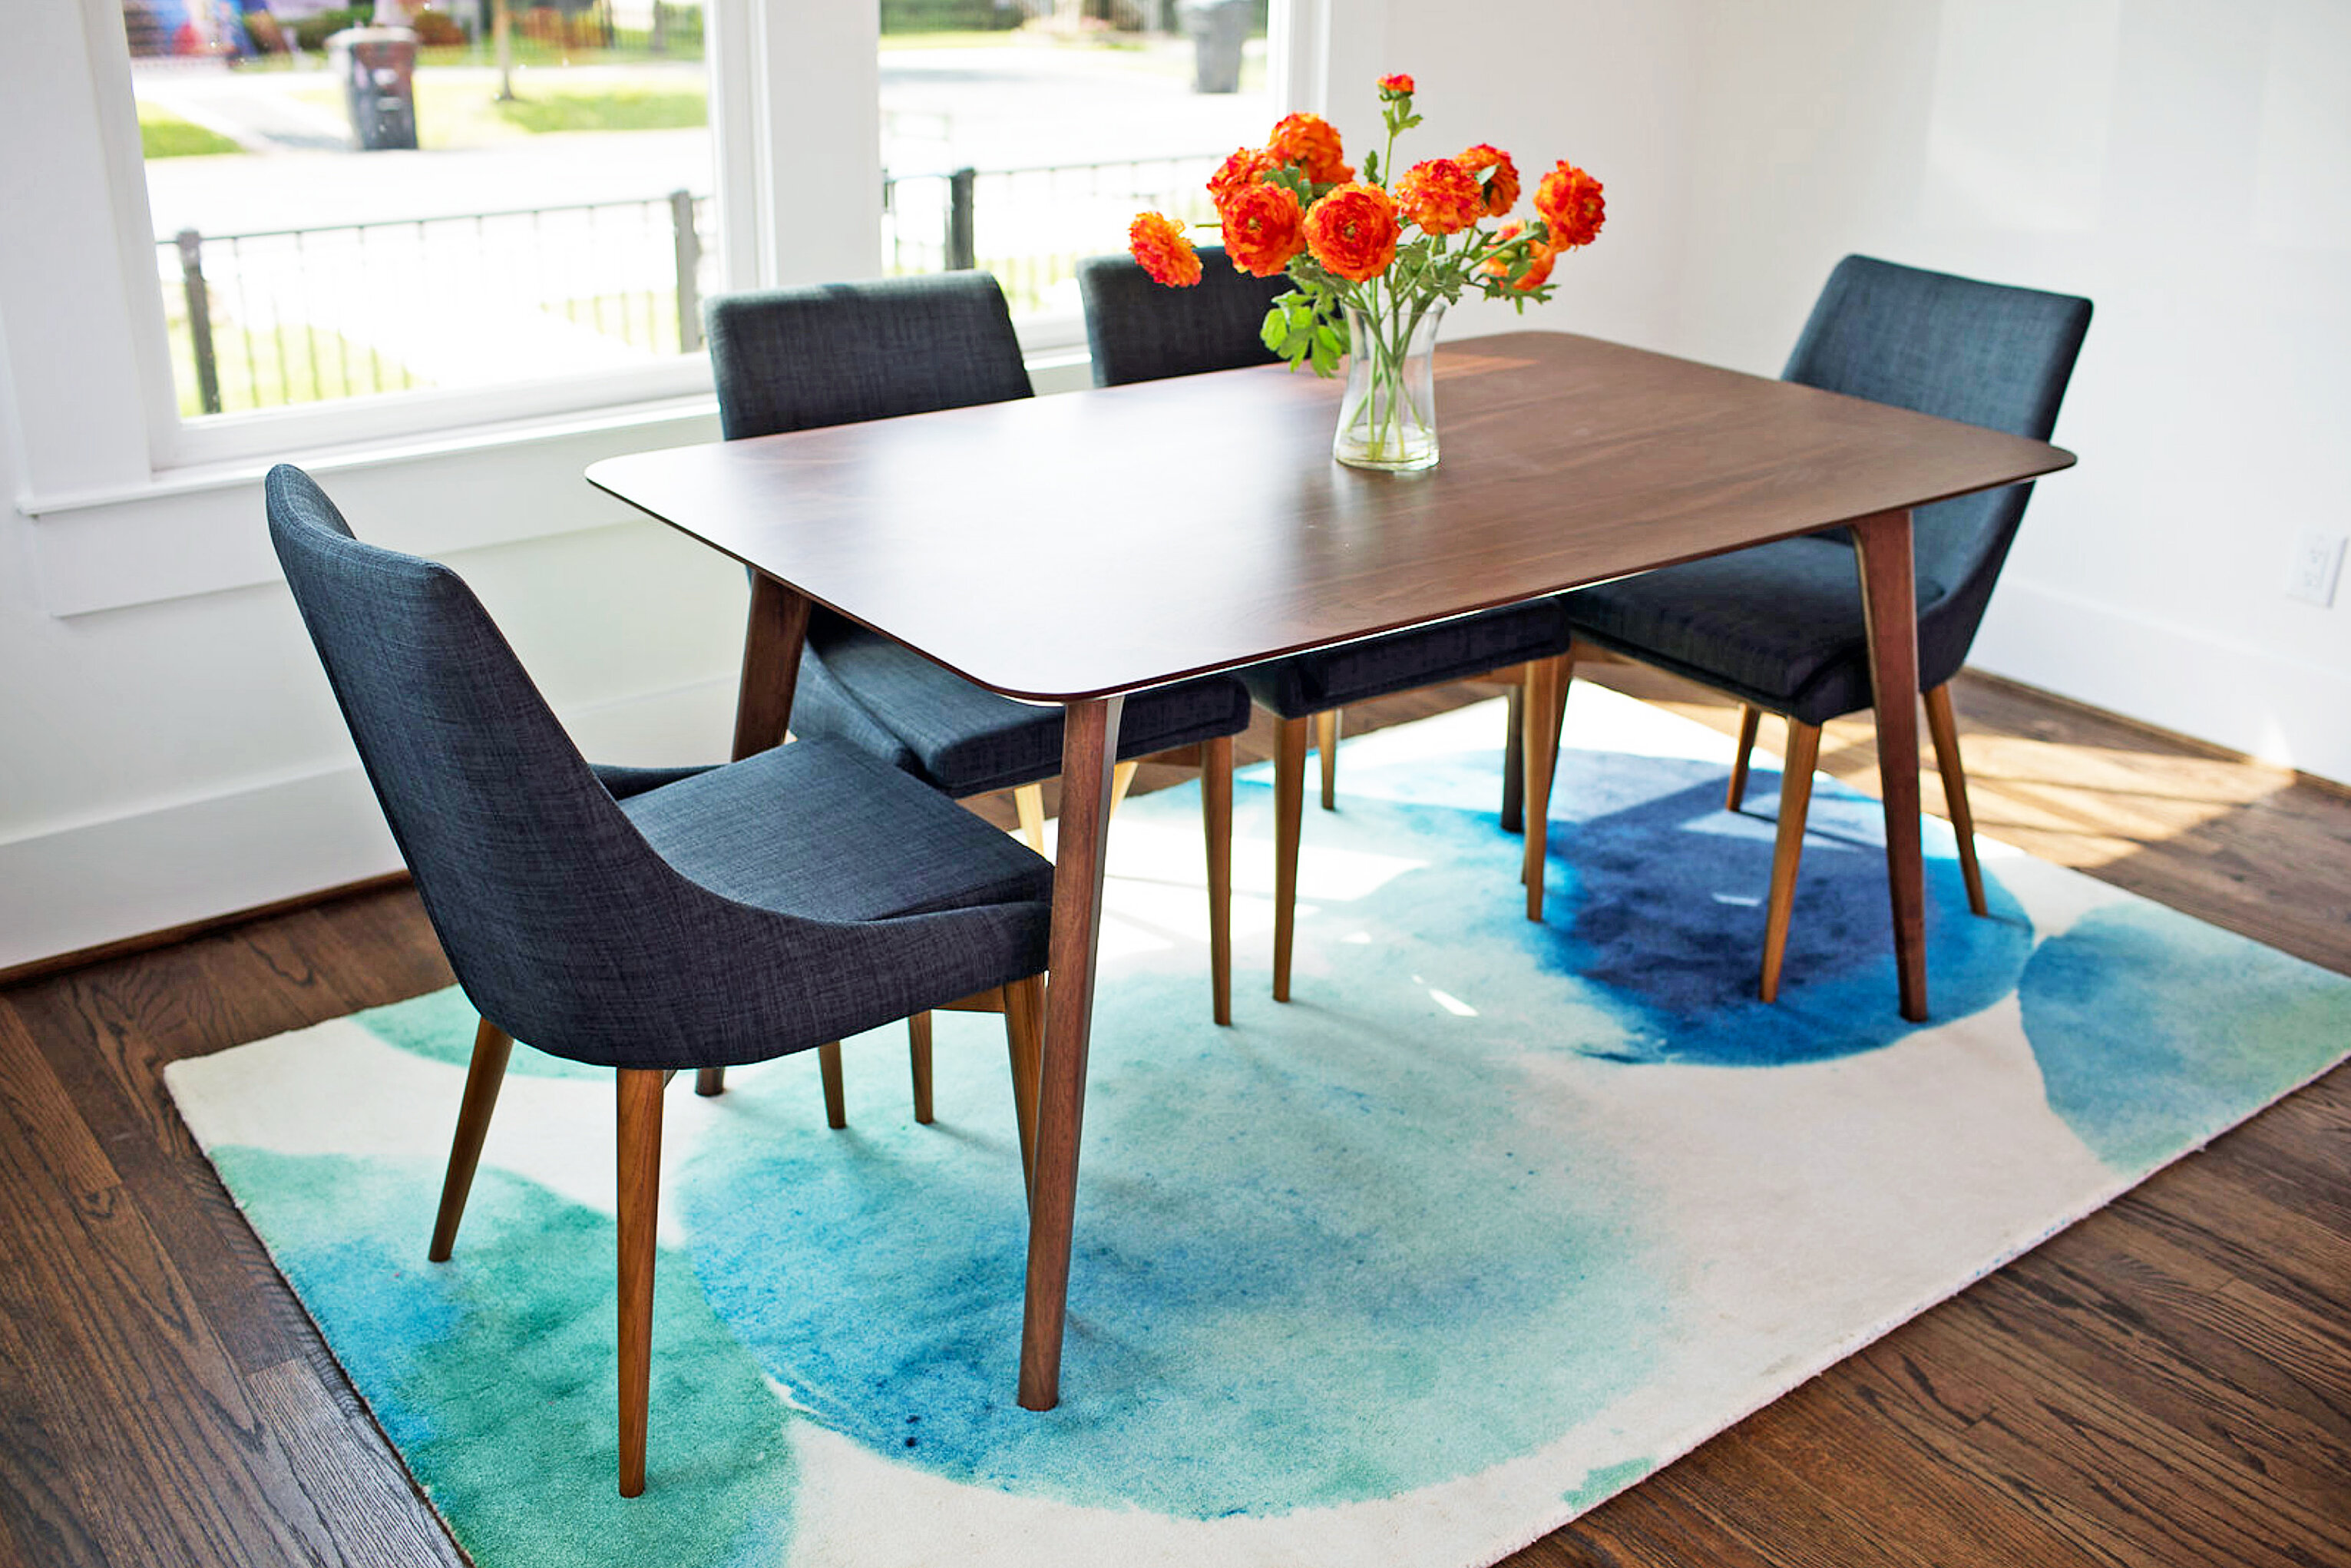 Corrigan Studio Anabelle 5 Piece Breakfast Nook Dining Set | Wayfair